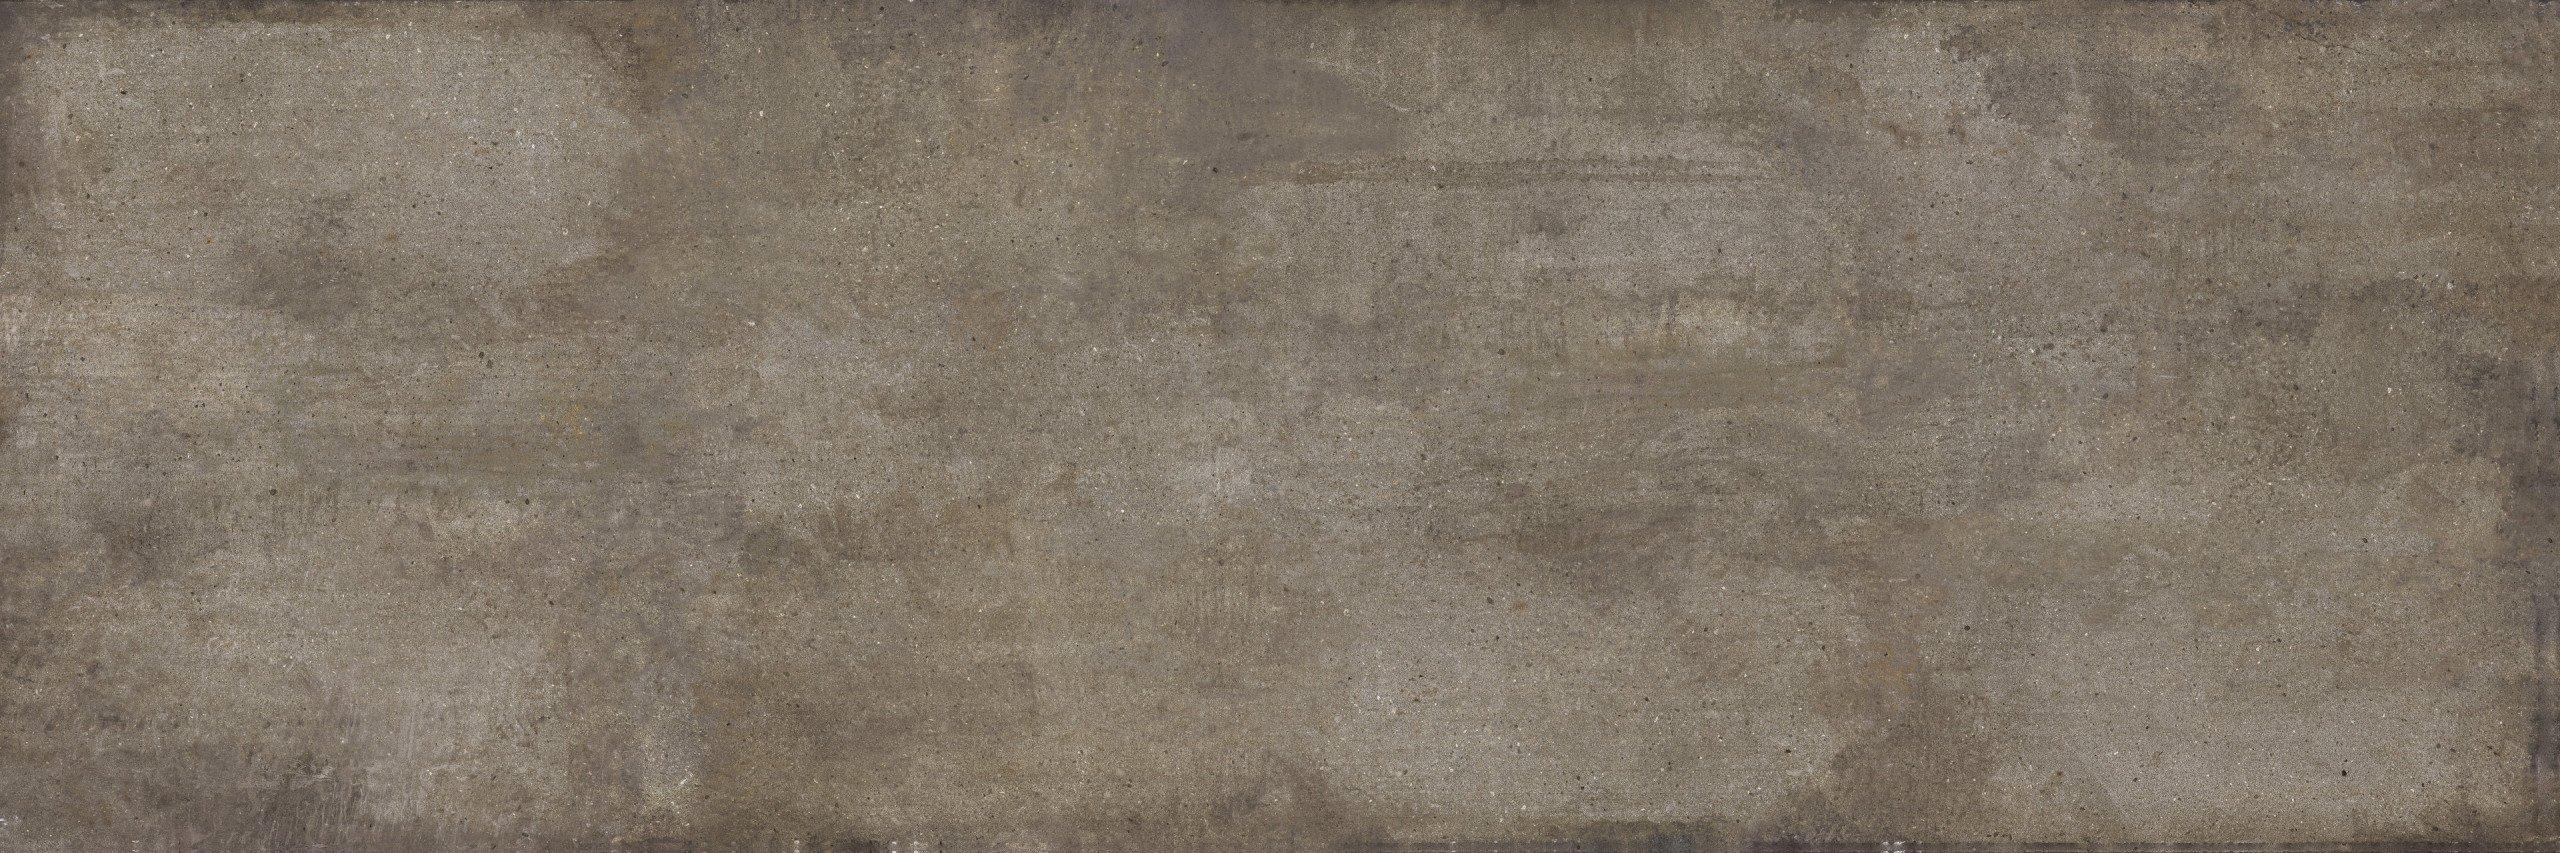 Silene Stone Dove